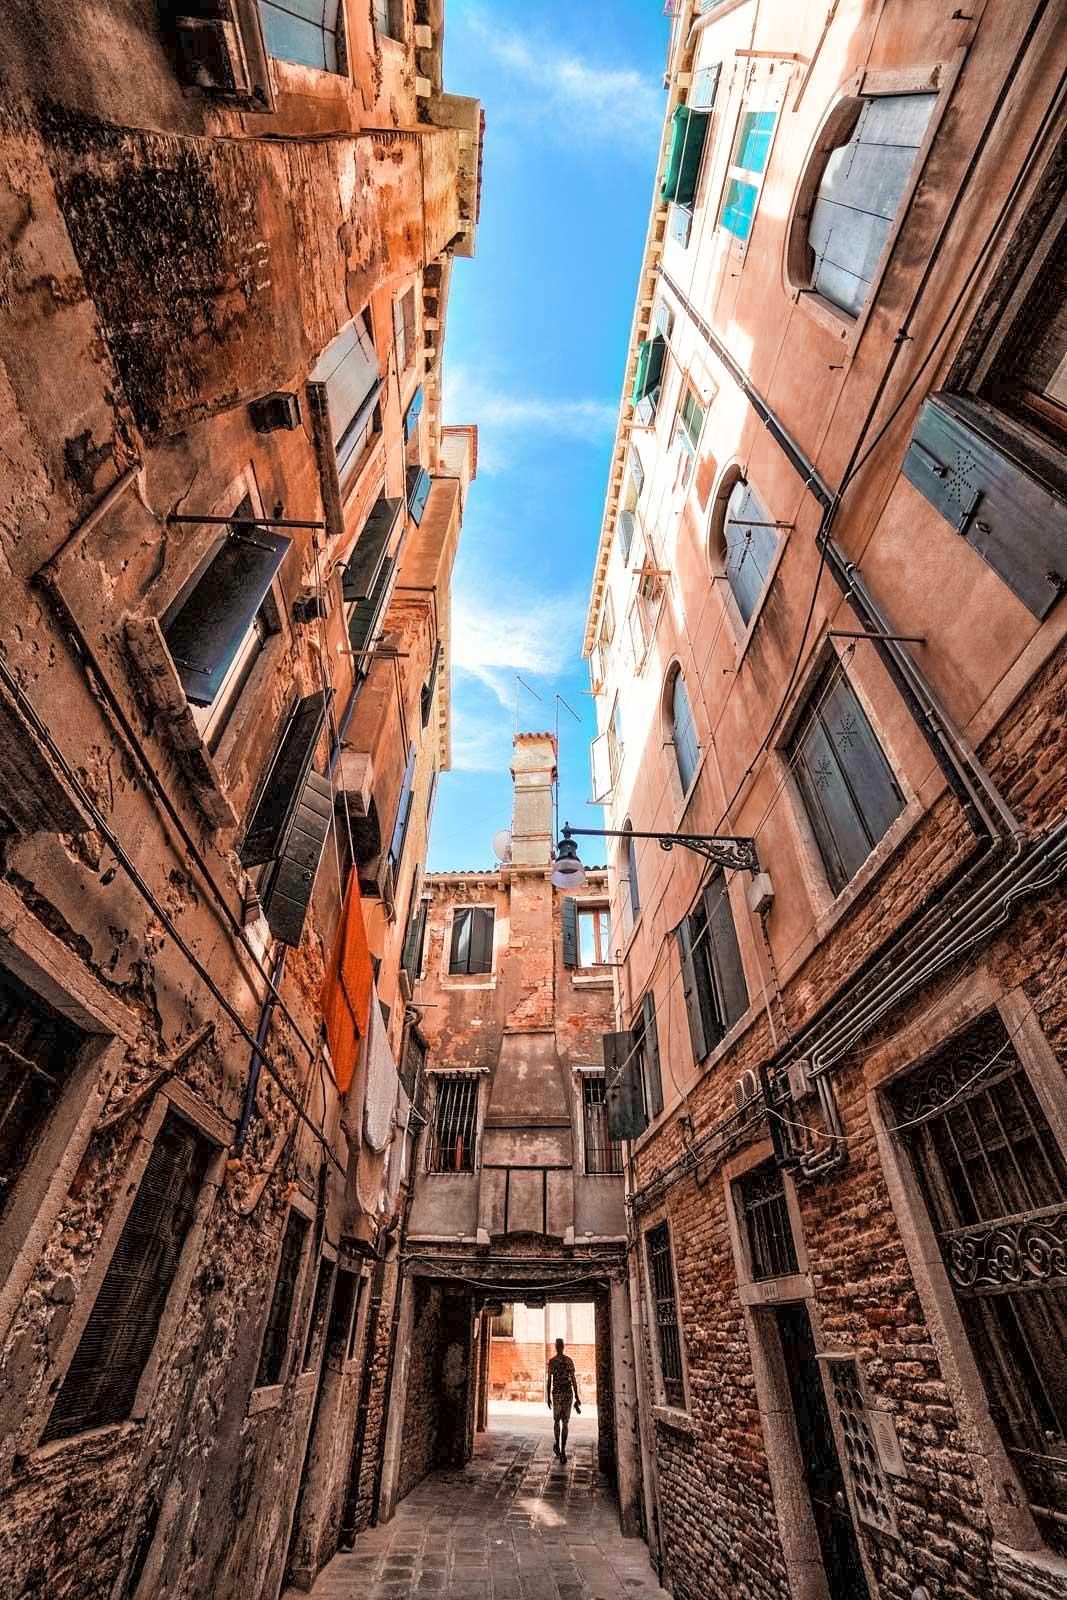 Always look up in Venice